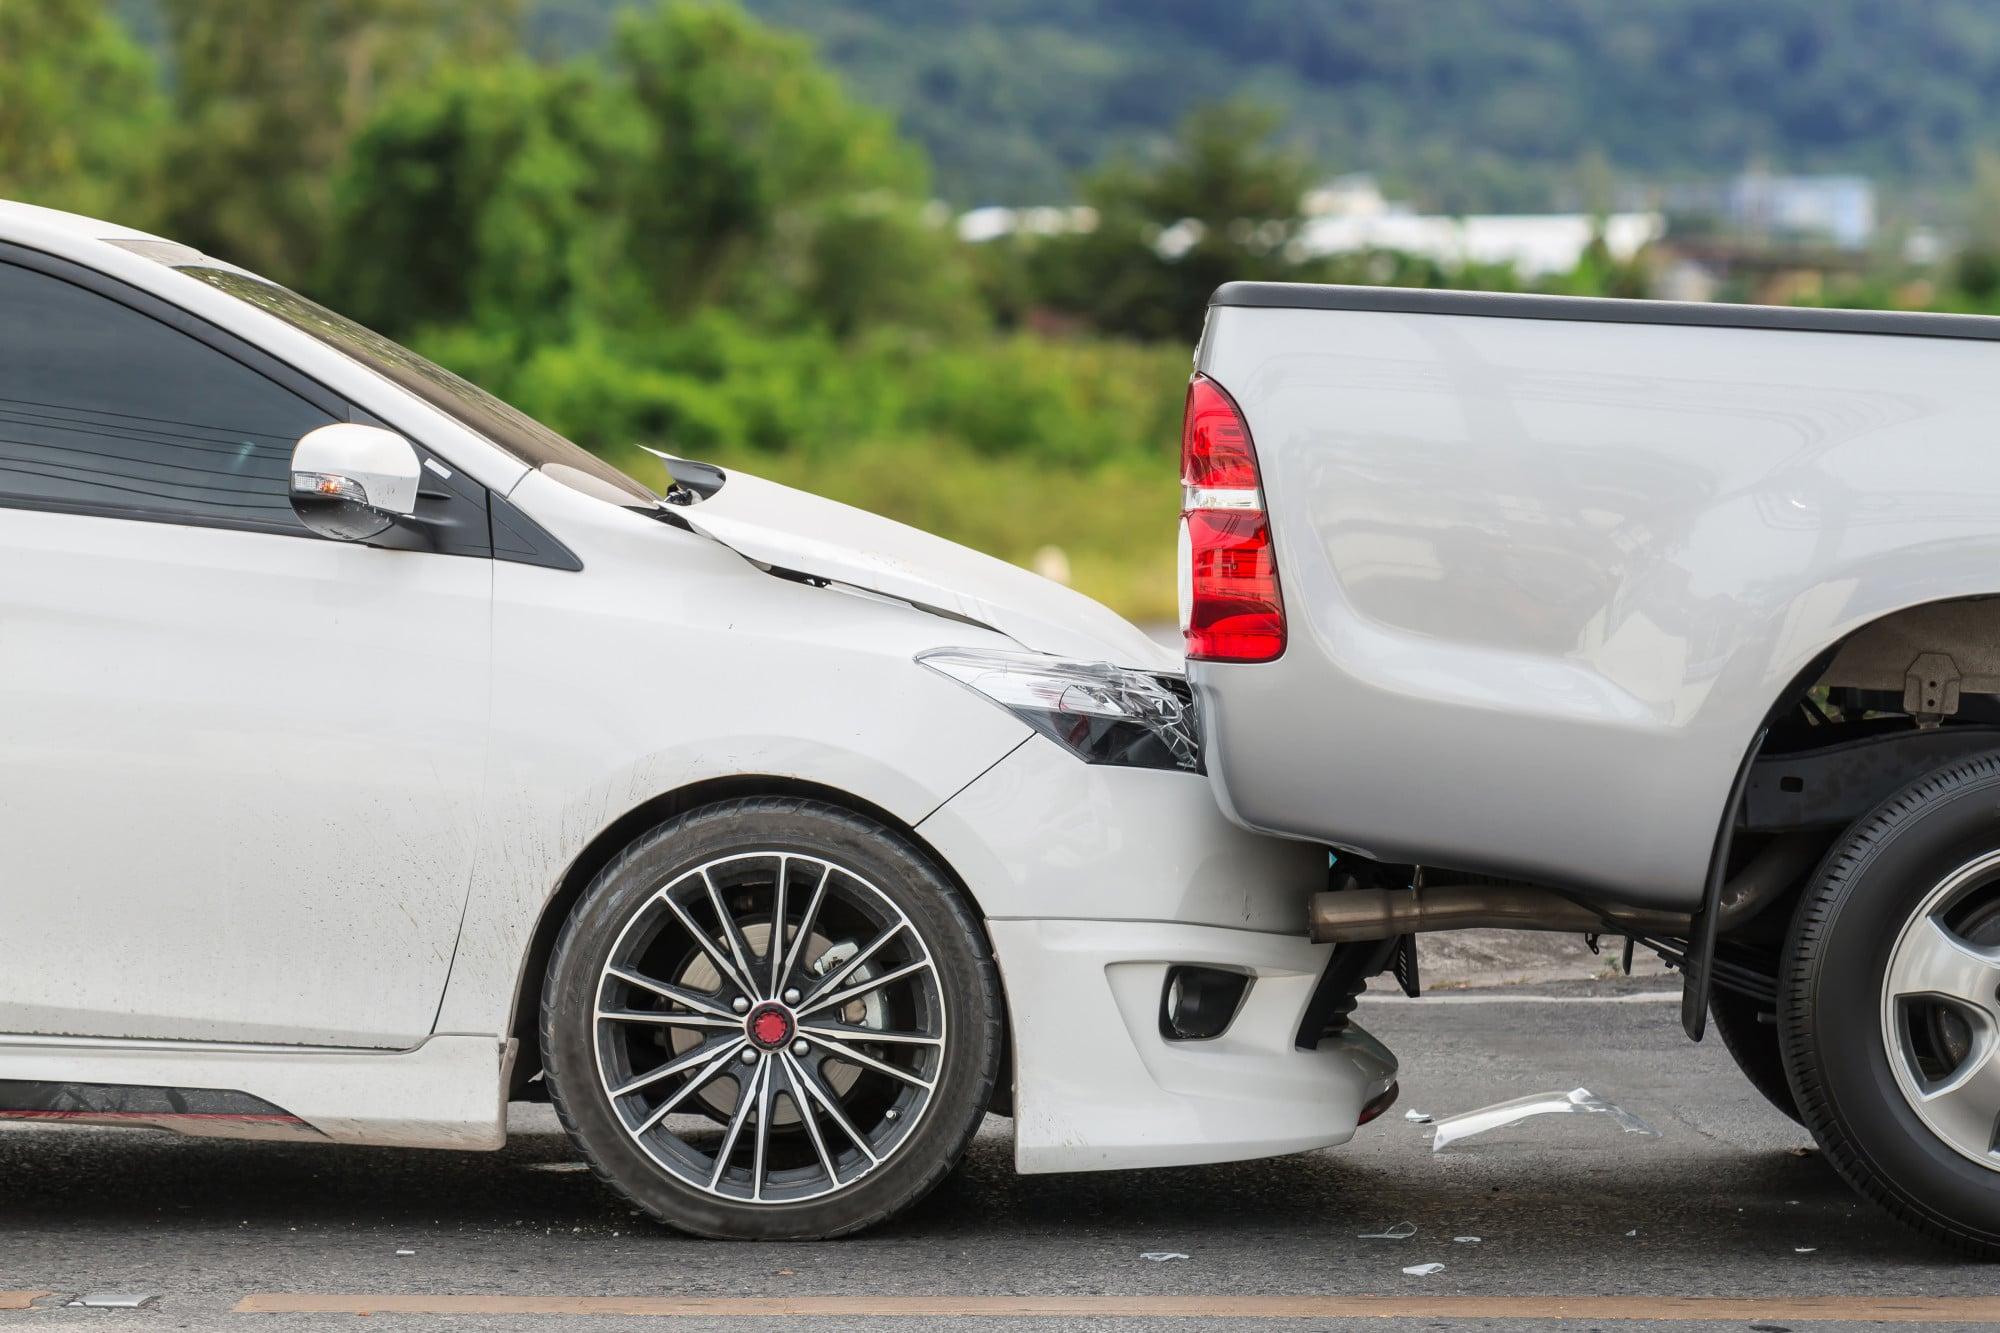 non-owner insurance